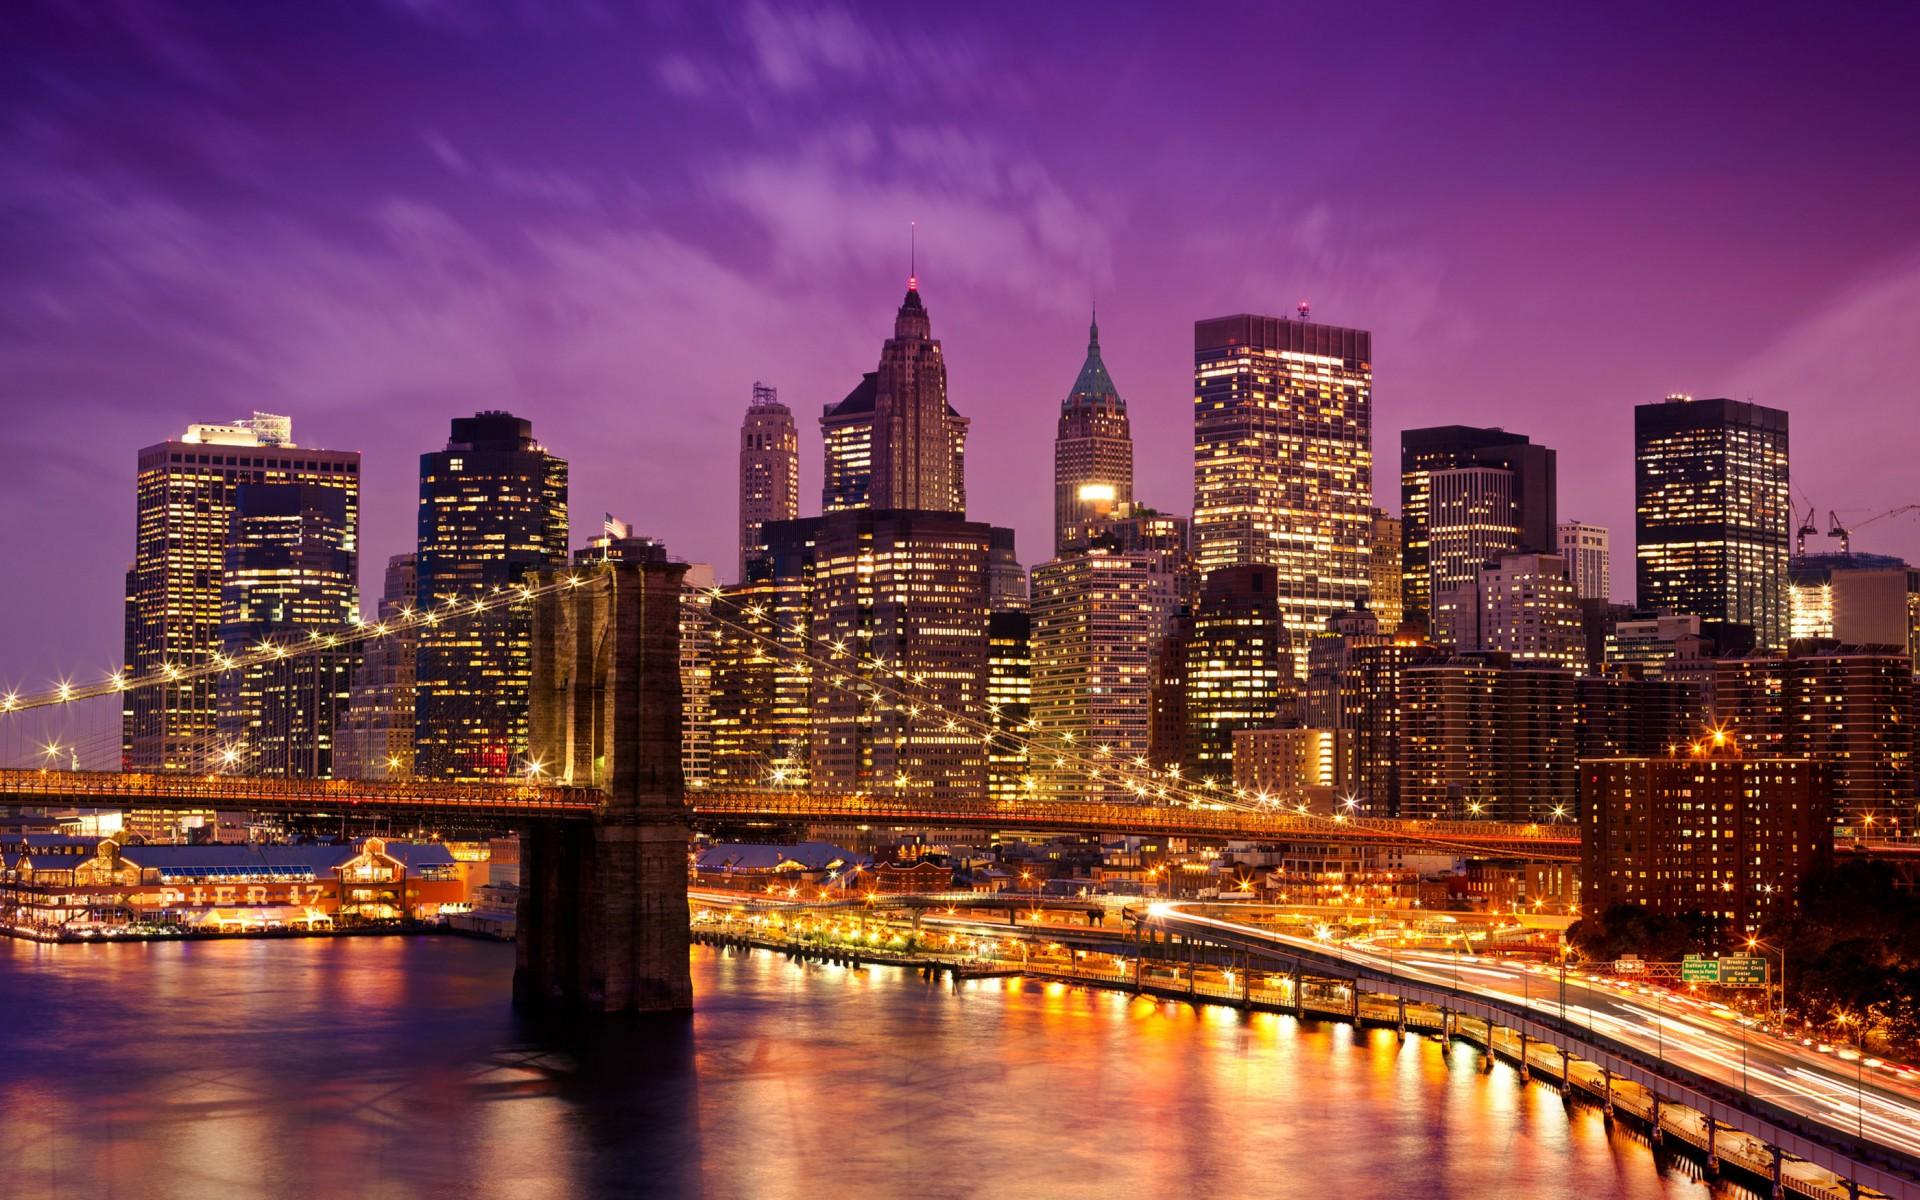 Desktop Wallpaper Cities